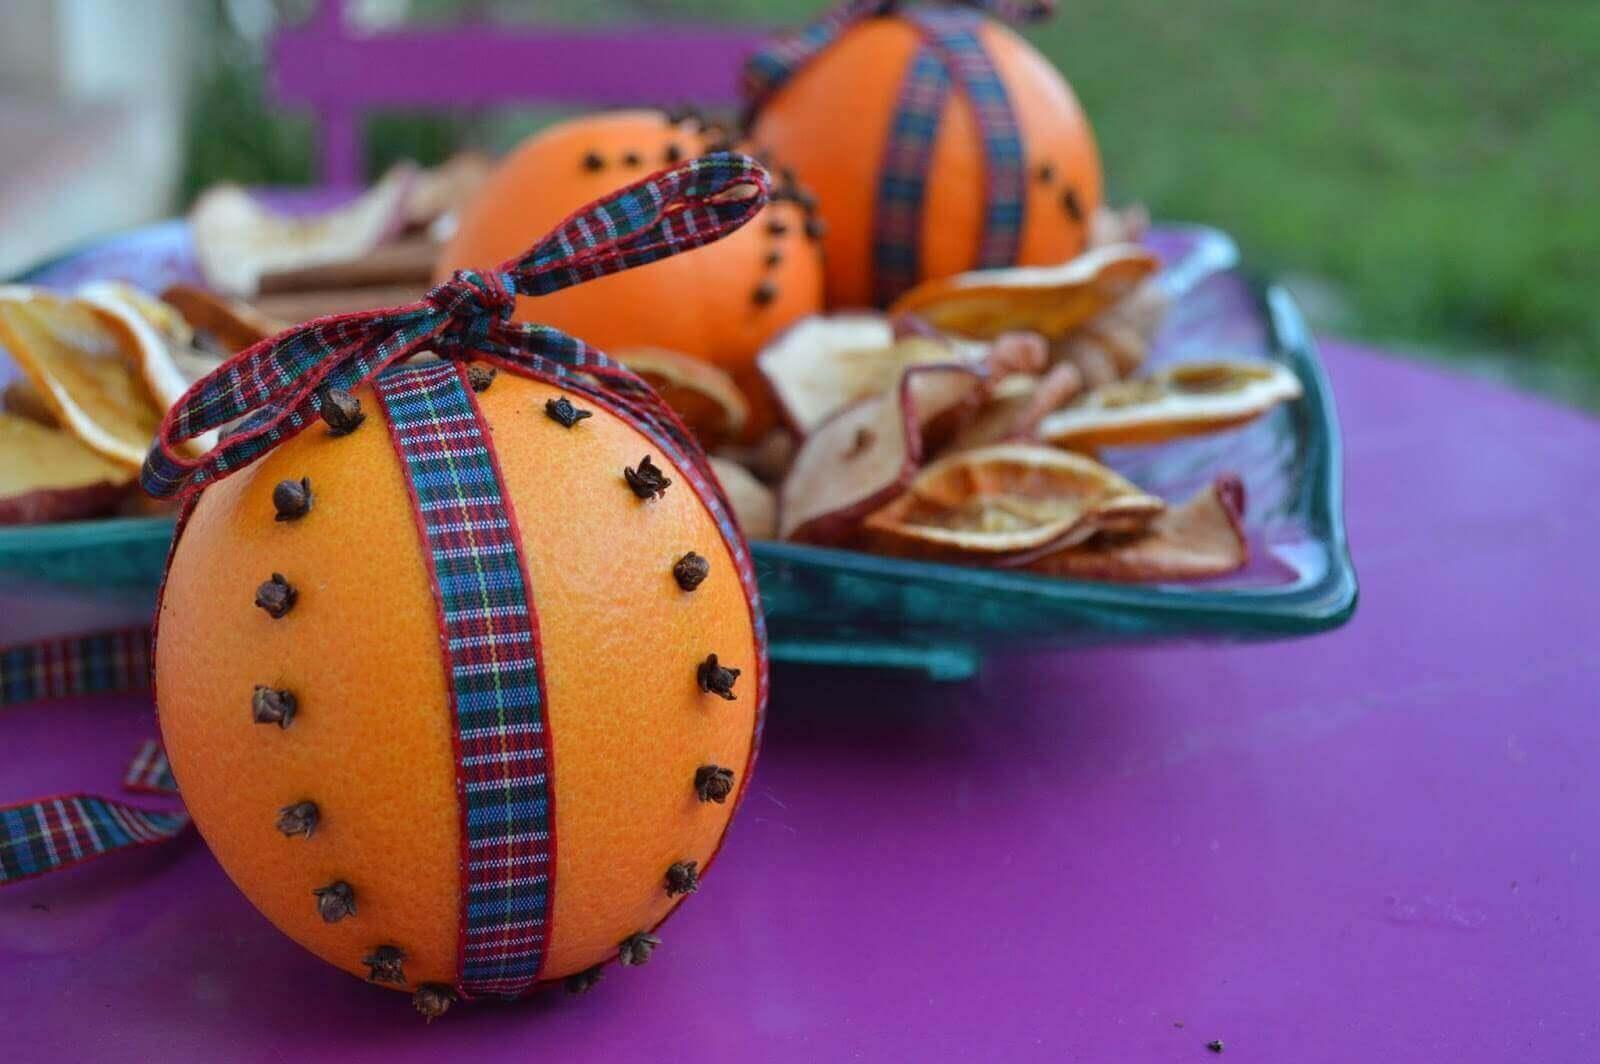 αρωματίστε το σπίτι γαρύφαλλο σε πορτοκάλι